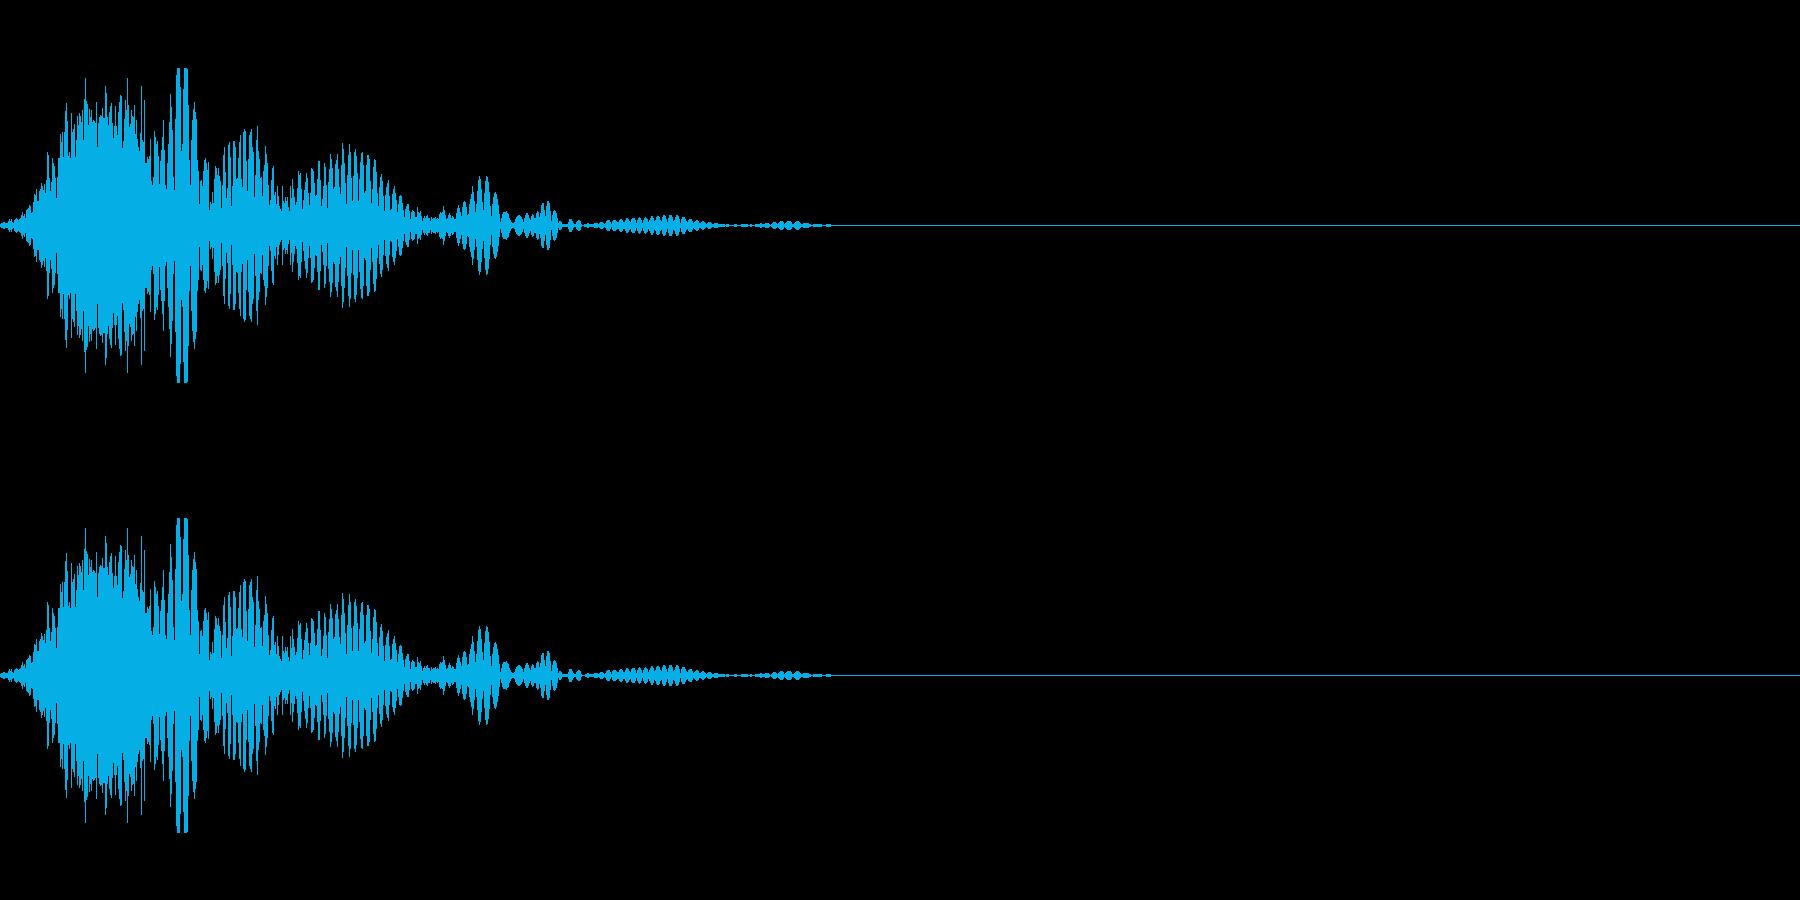 斬撃音(刀や剣で斬る/刺す効果音) 17の再生済みの波形